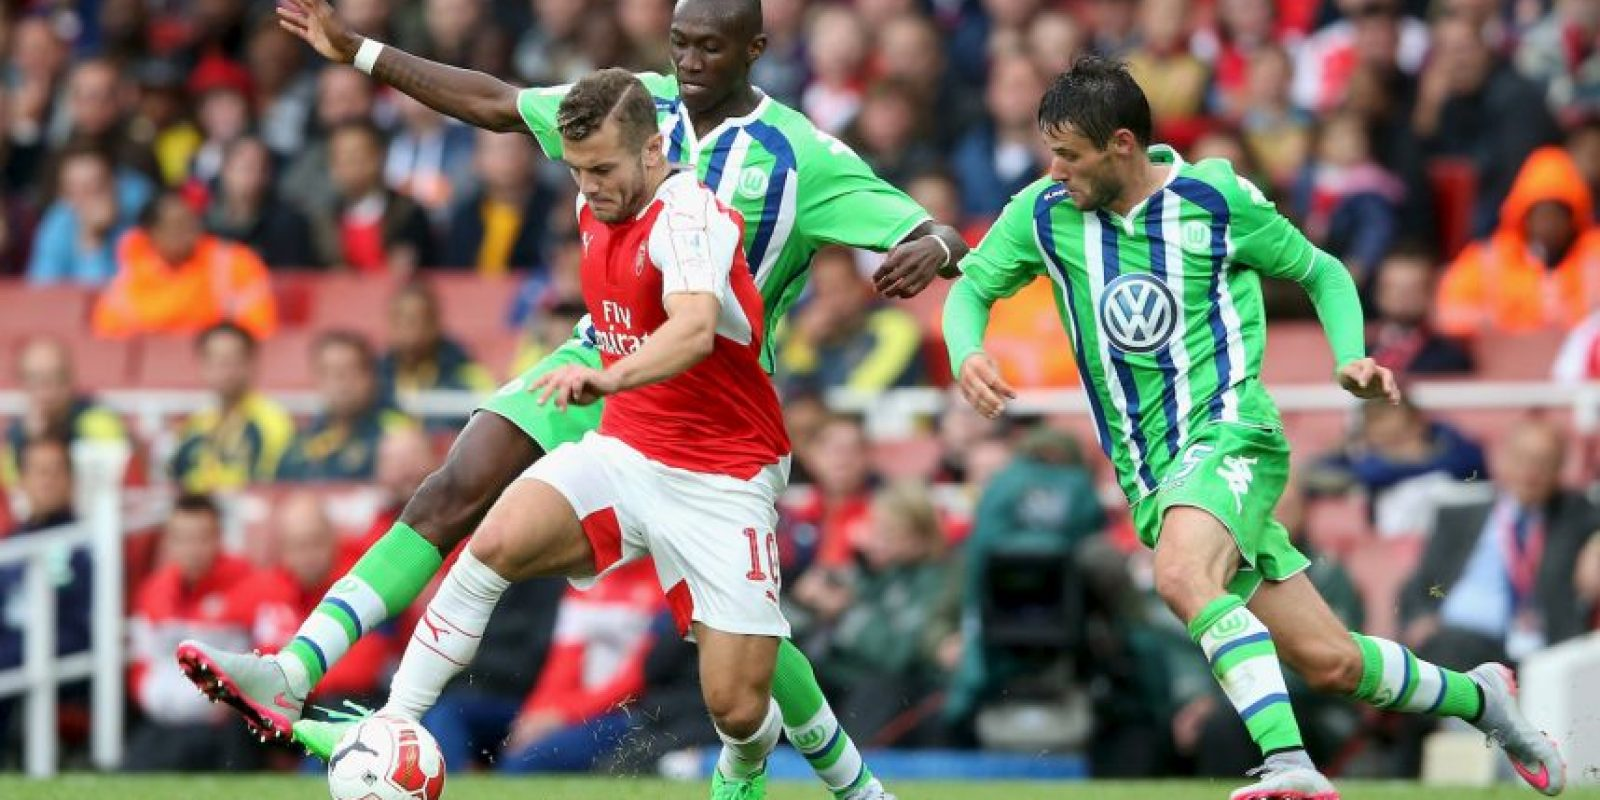 Wilshere es una de las principales promesas del fútbol inglés Foto:Getty Images